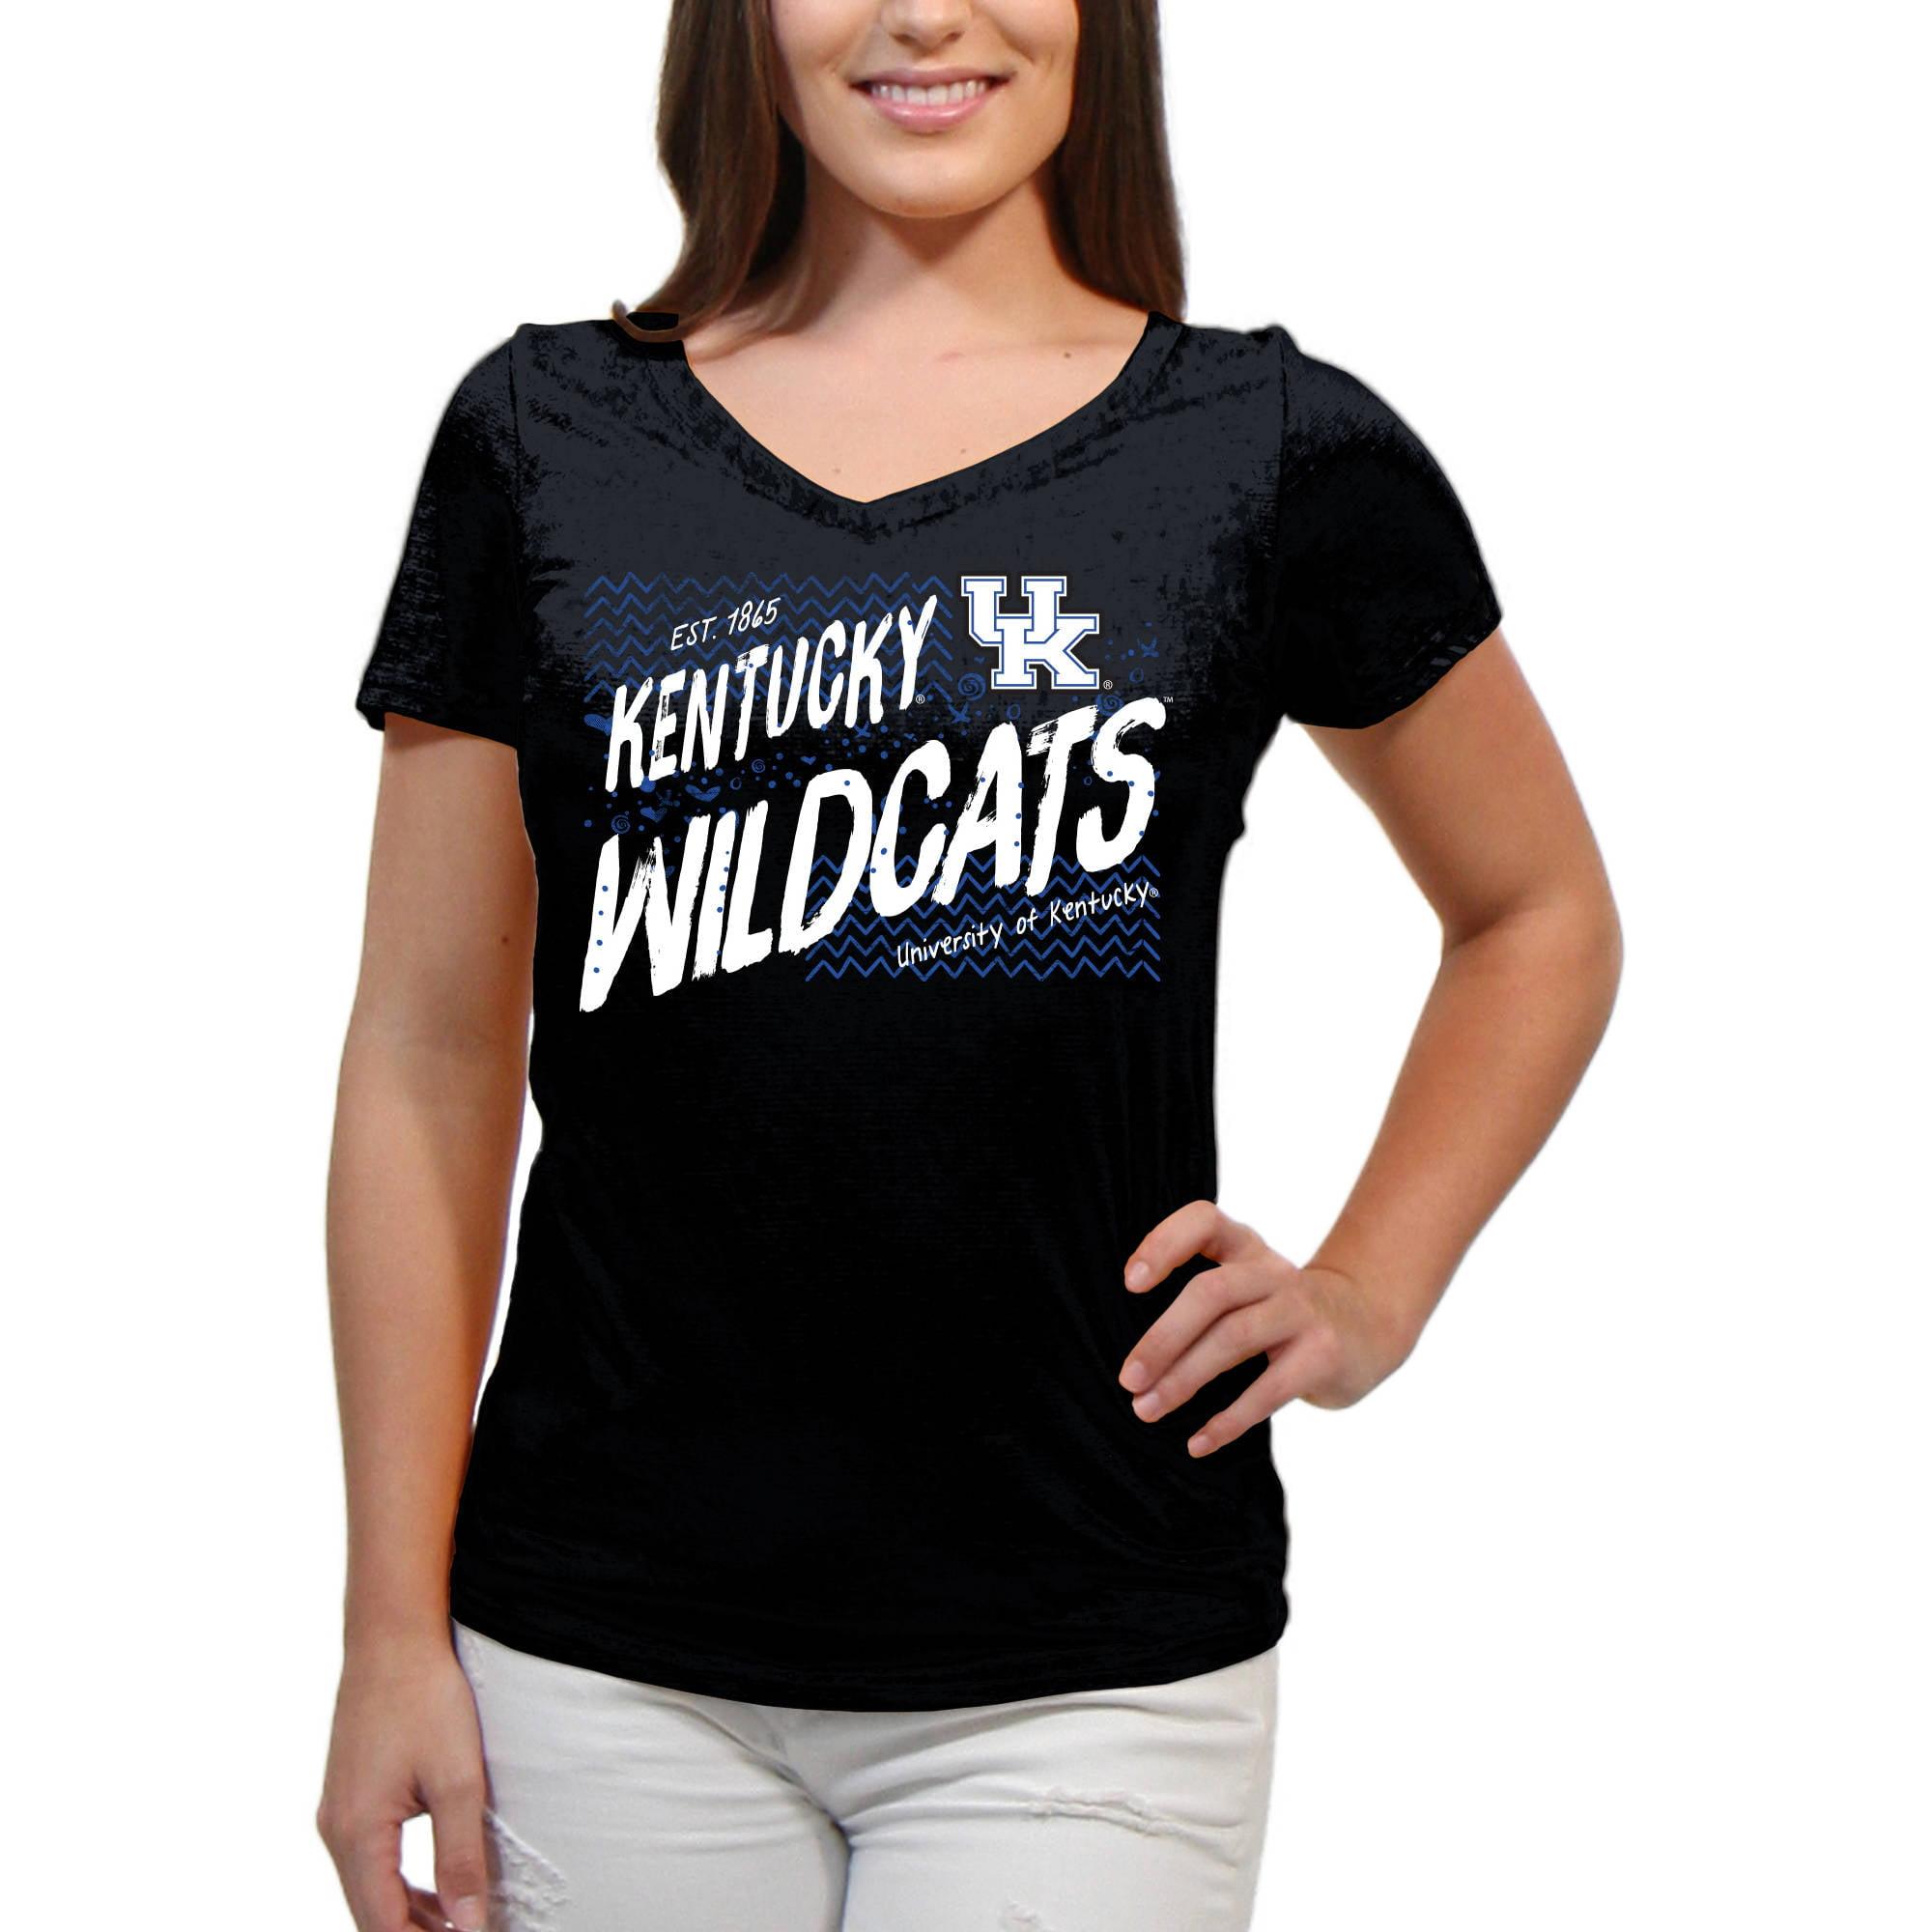 Kentucky Wildcats Scatter Doodle Women'S/Juniors Team Short Sleeve V Neck Tee Shirt